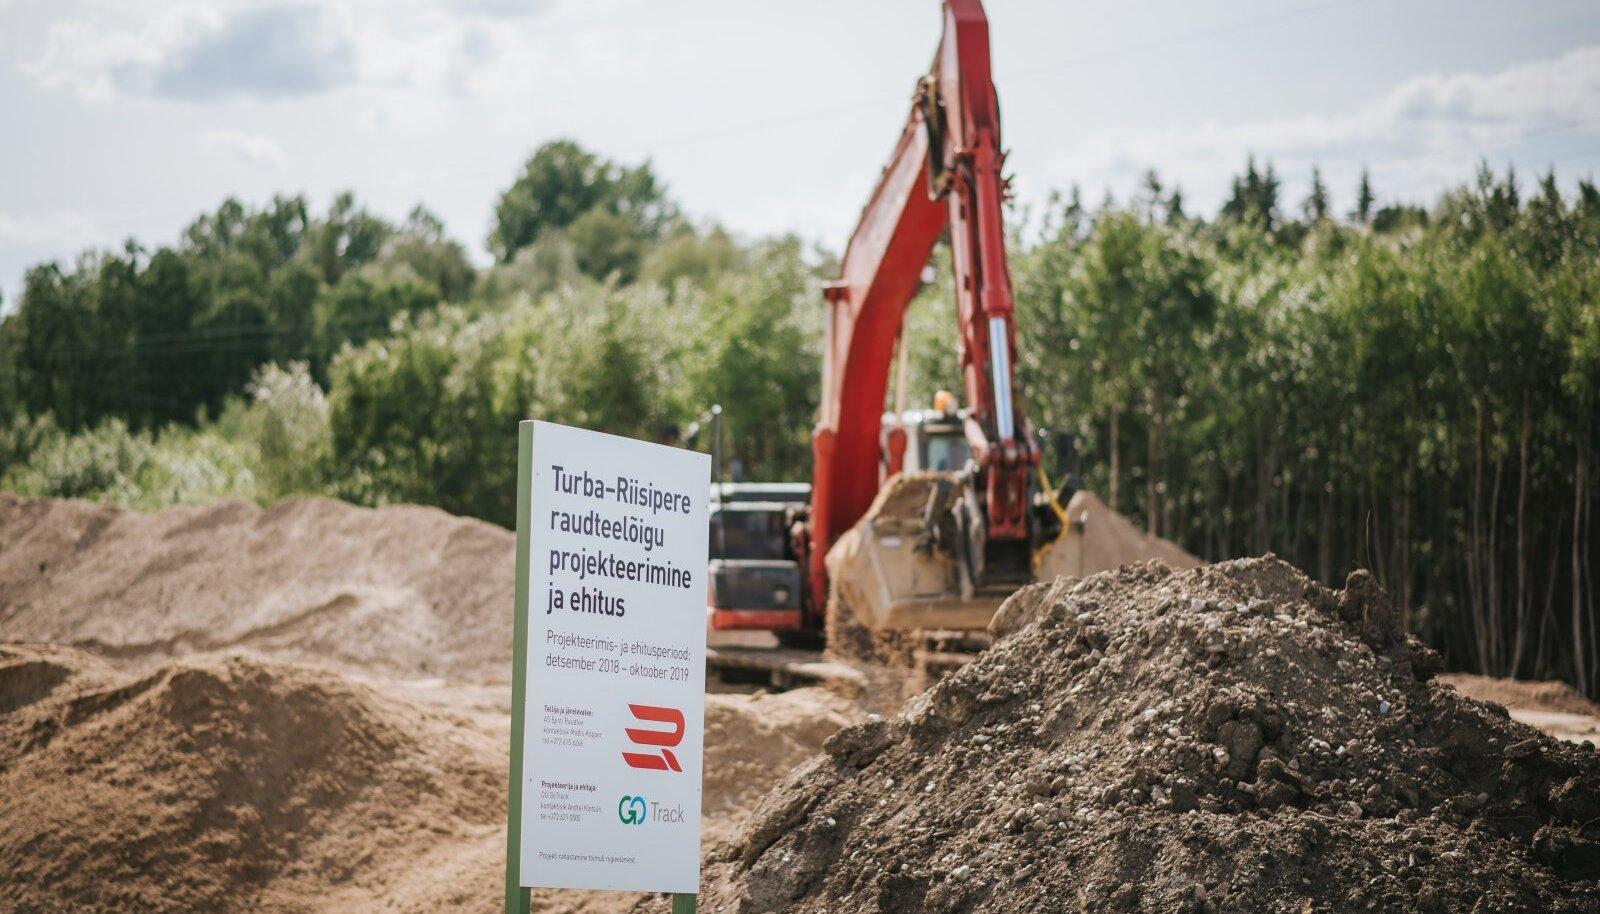 Pensionile siirdumiste ja investeeringute tõttu on Eesti Raudteel lähitulevikus vaja hinnanguliselt 20 raudteeinseneri kvalifikatsiooniga inimest. Riisipere-Turba raudteelõigu ehitus 2019. aasta juunis